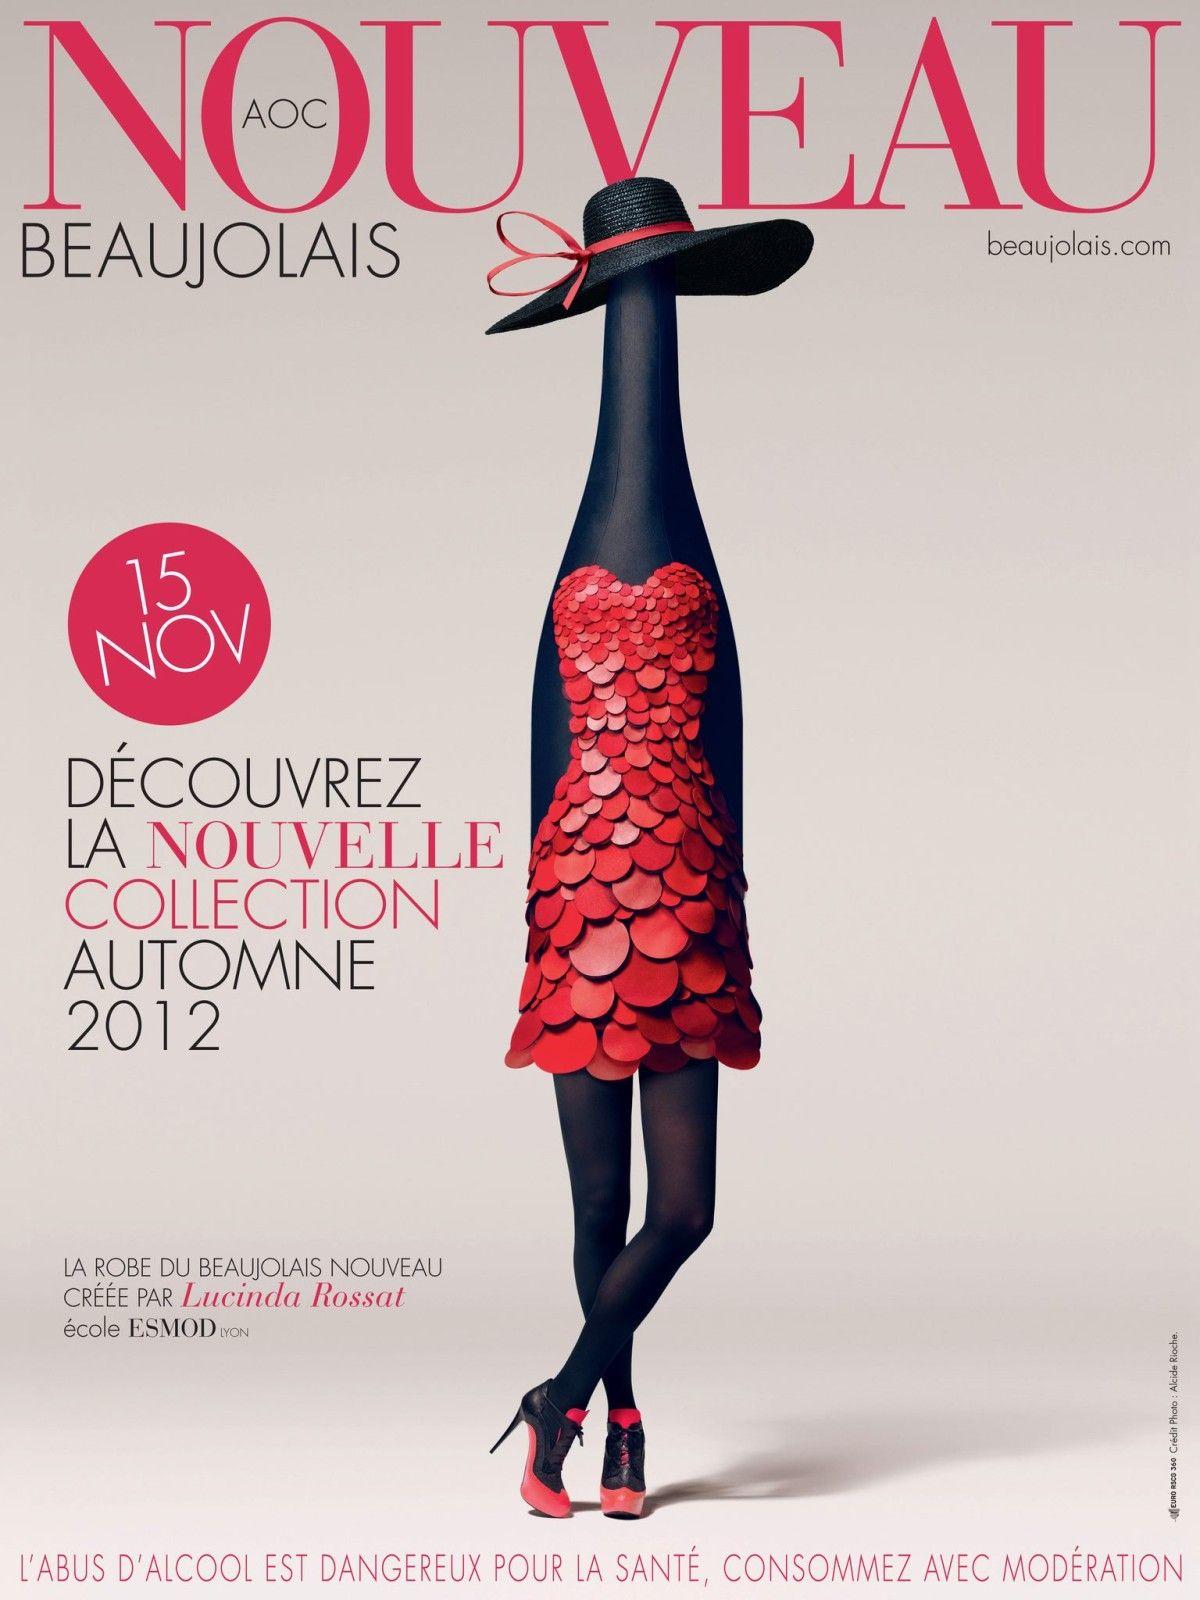 how to say beaujolais nouveau